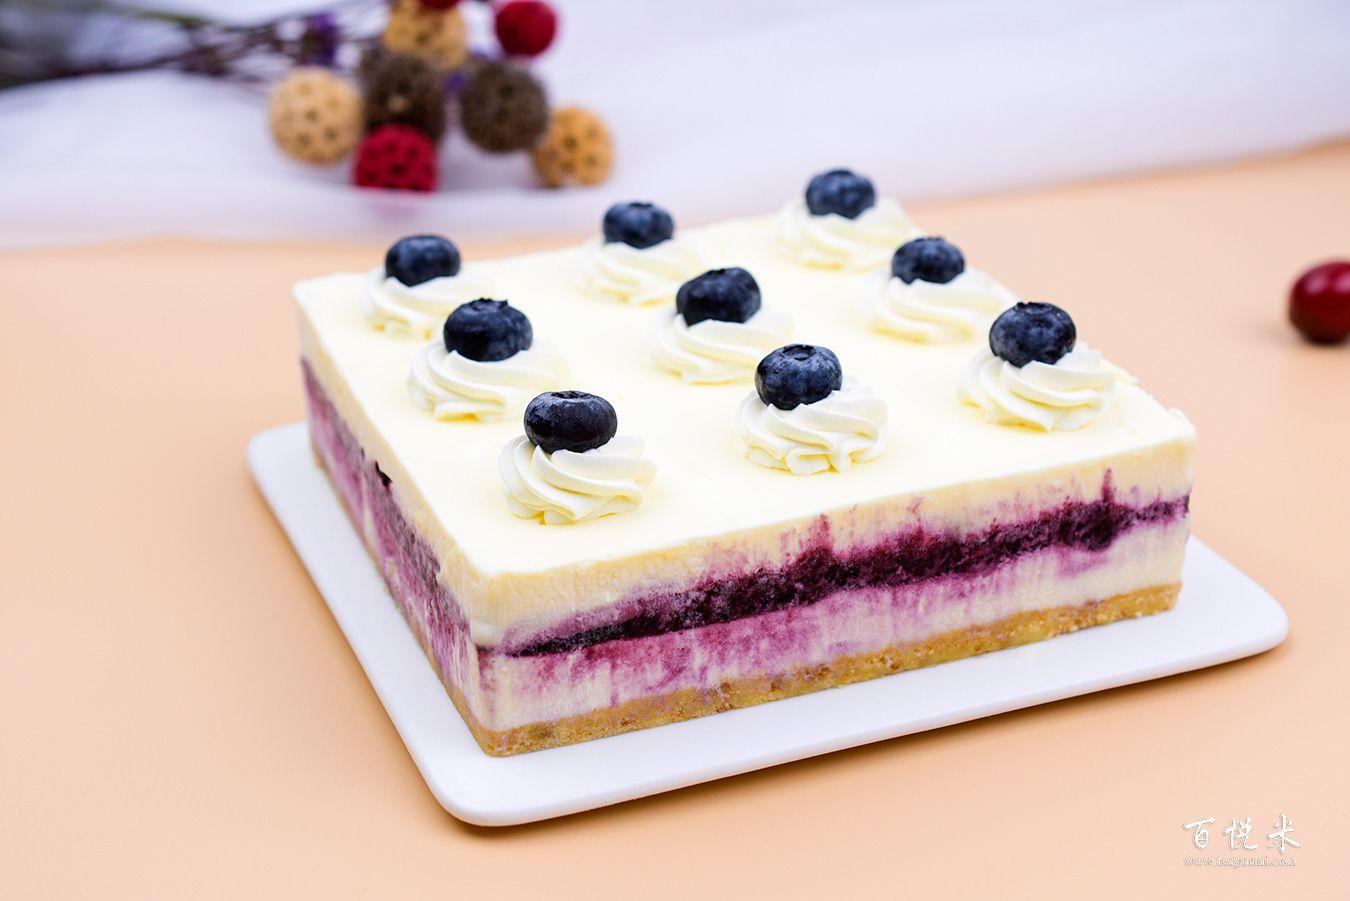 蓝莓芝士蛋糕高清图片大全【蛋糕图片】_372